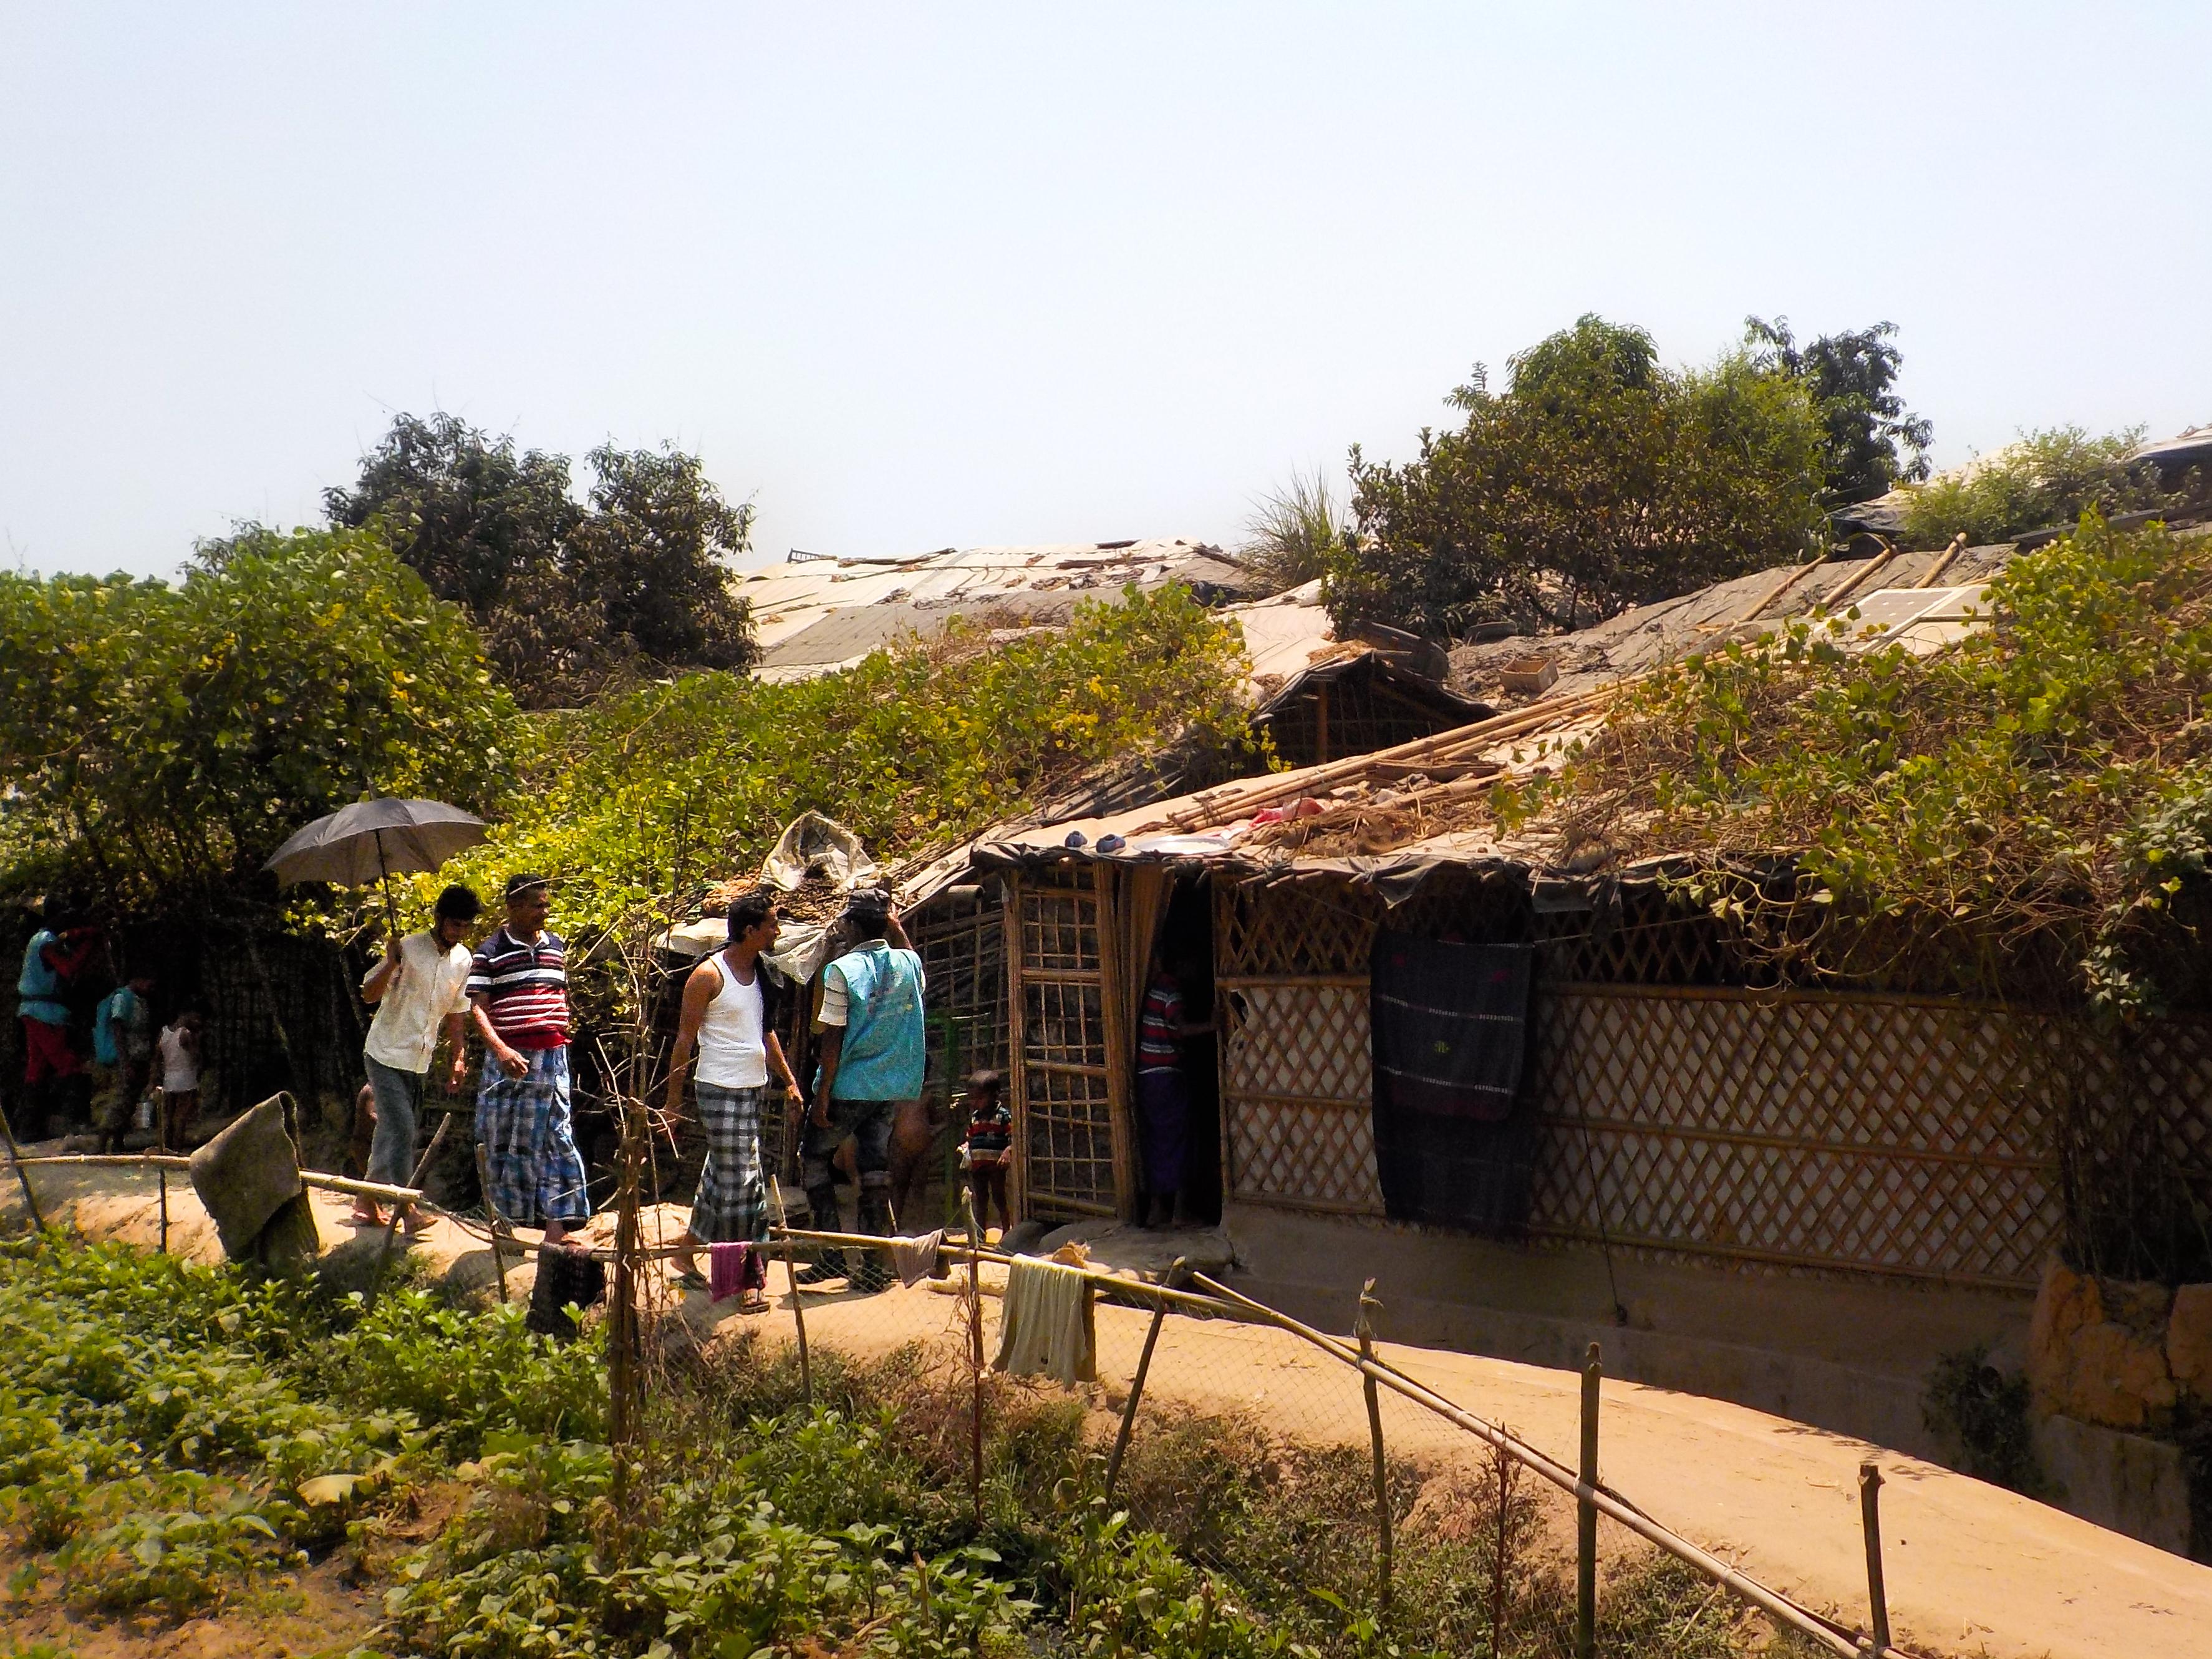 Ihmisiä kävelemässä Kutupalongin pakolaisleirillä